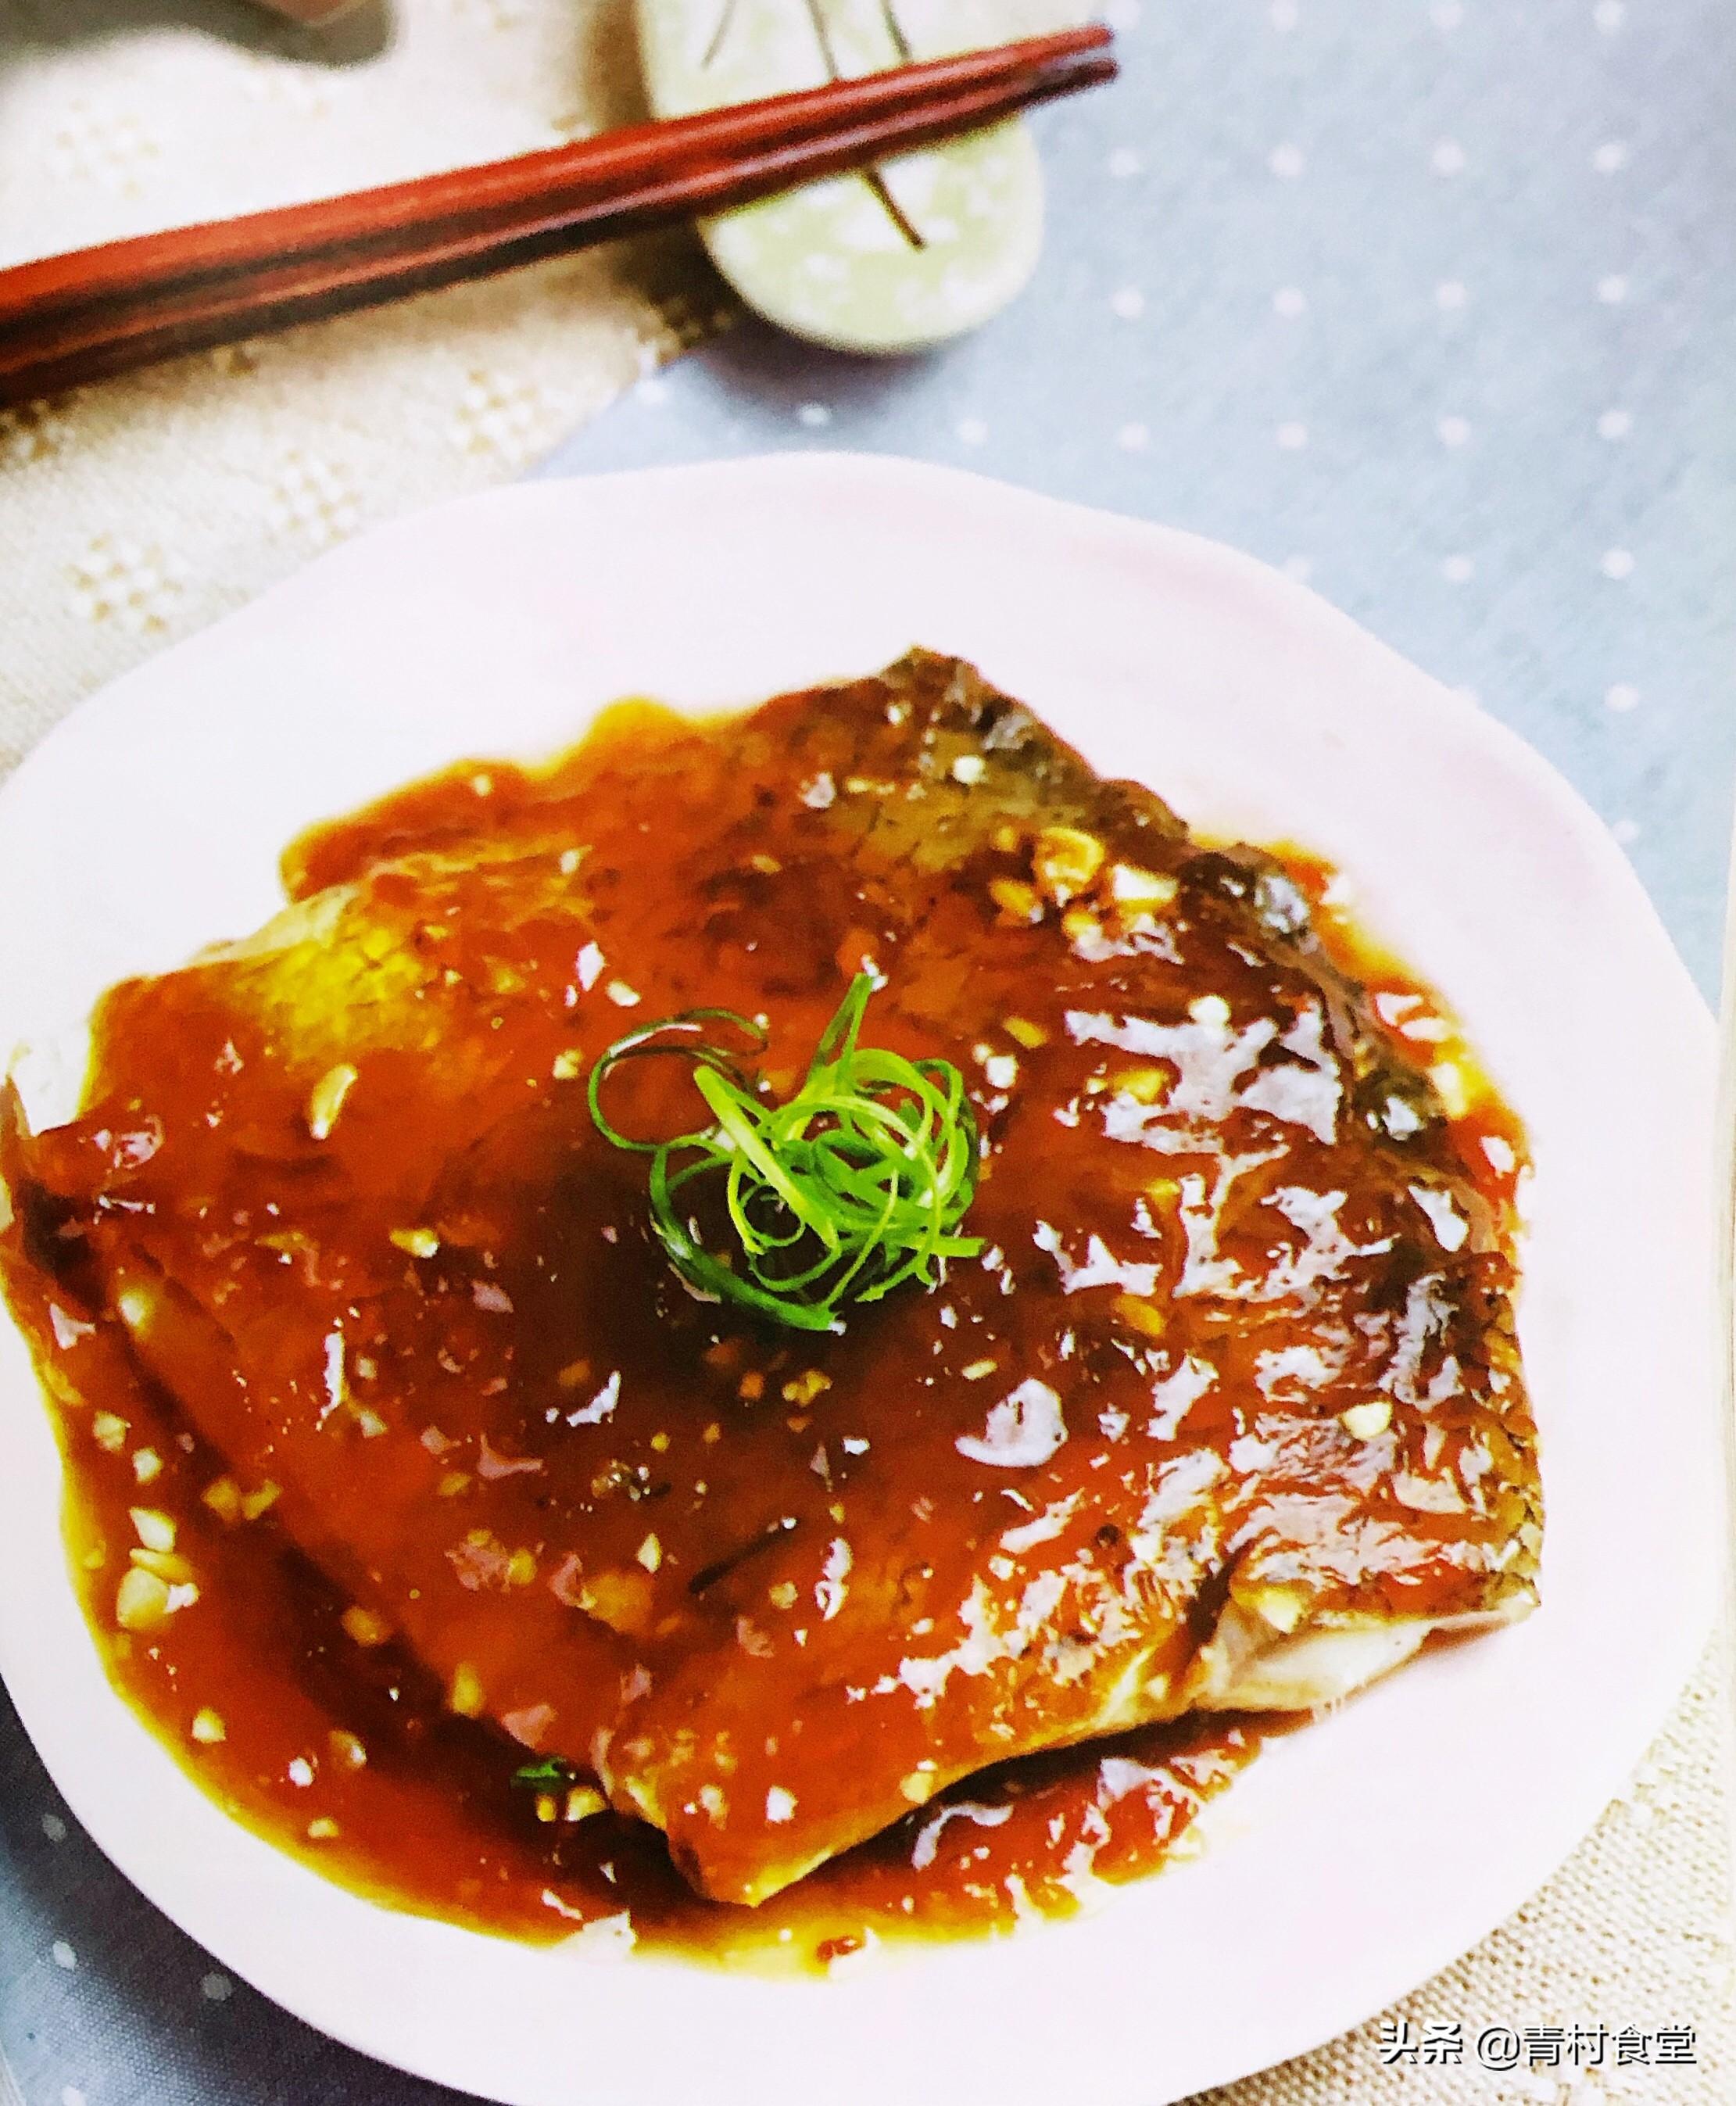 醋熘味草鱼 美食做法 第2张